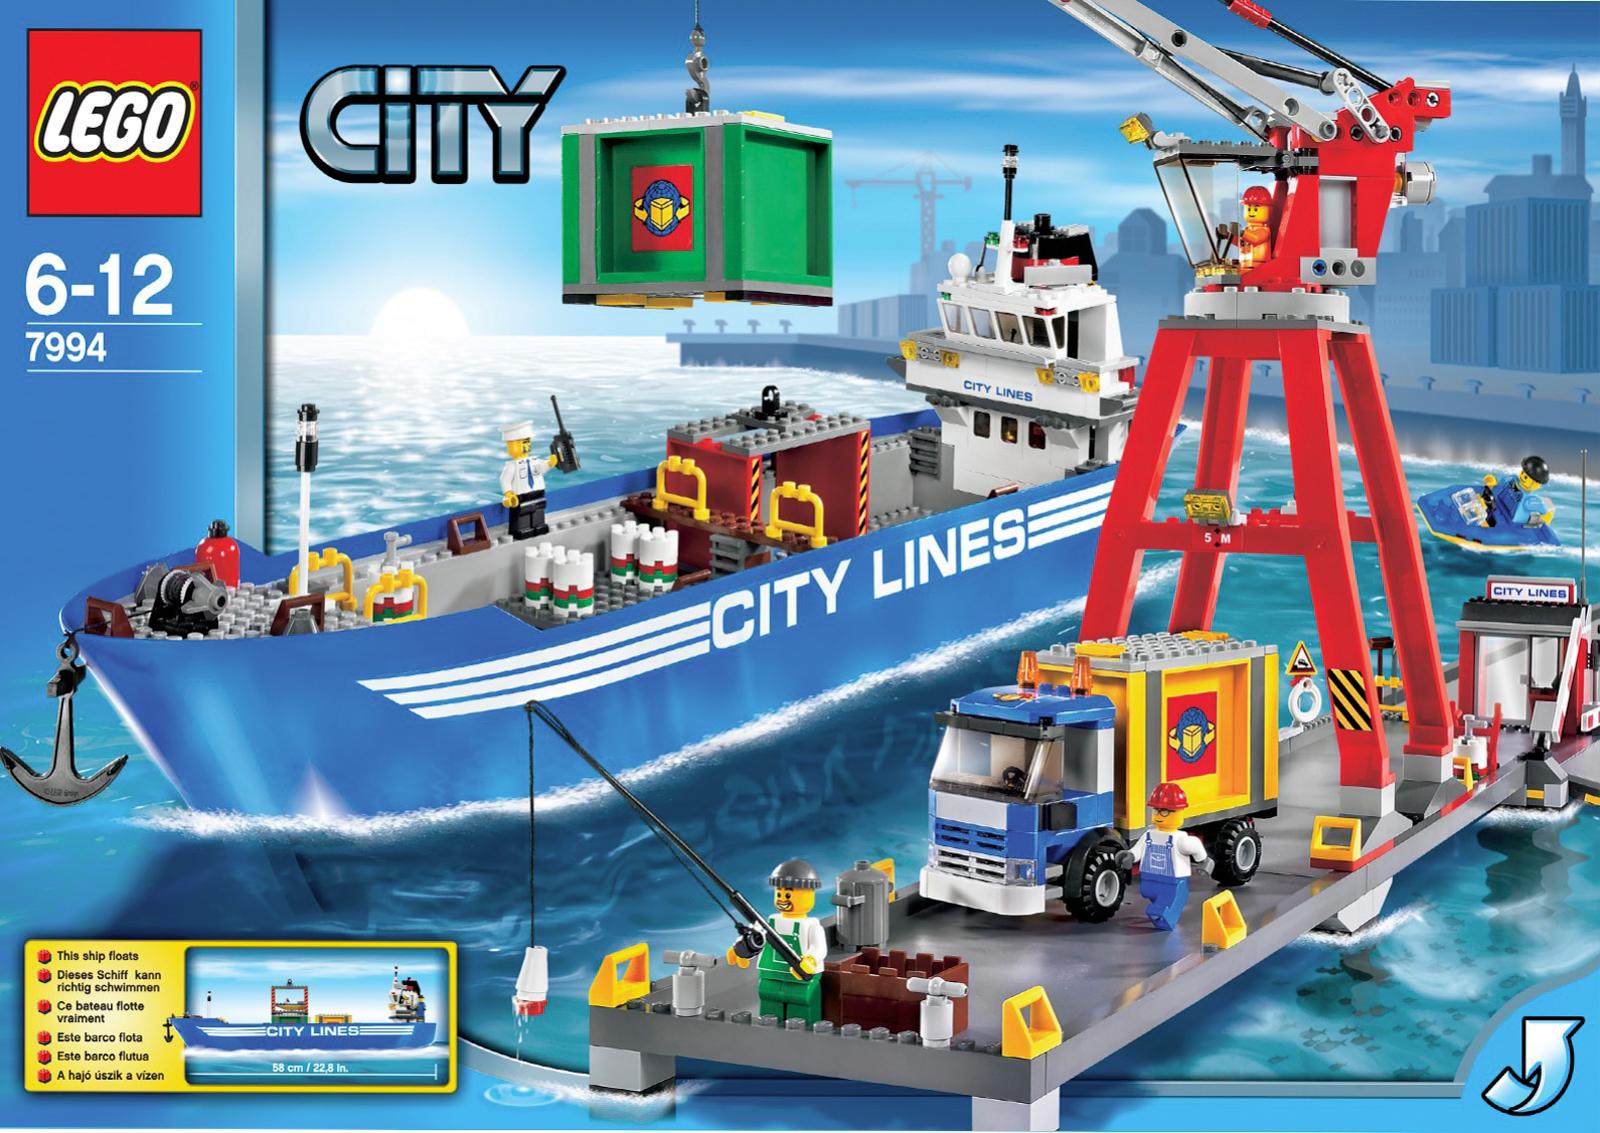 LEGO _007.jpg